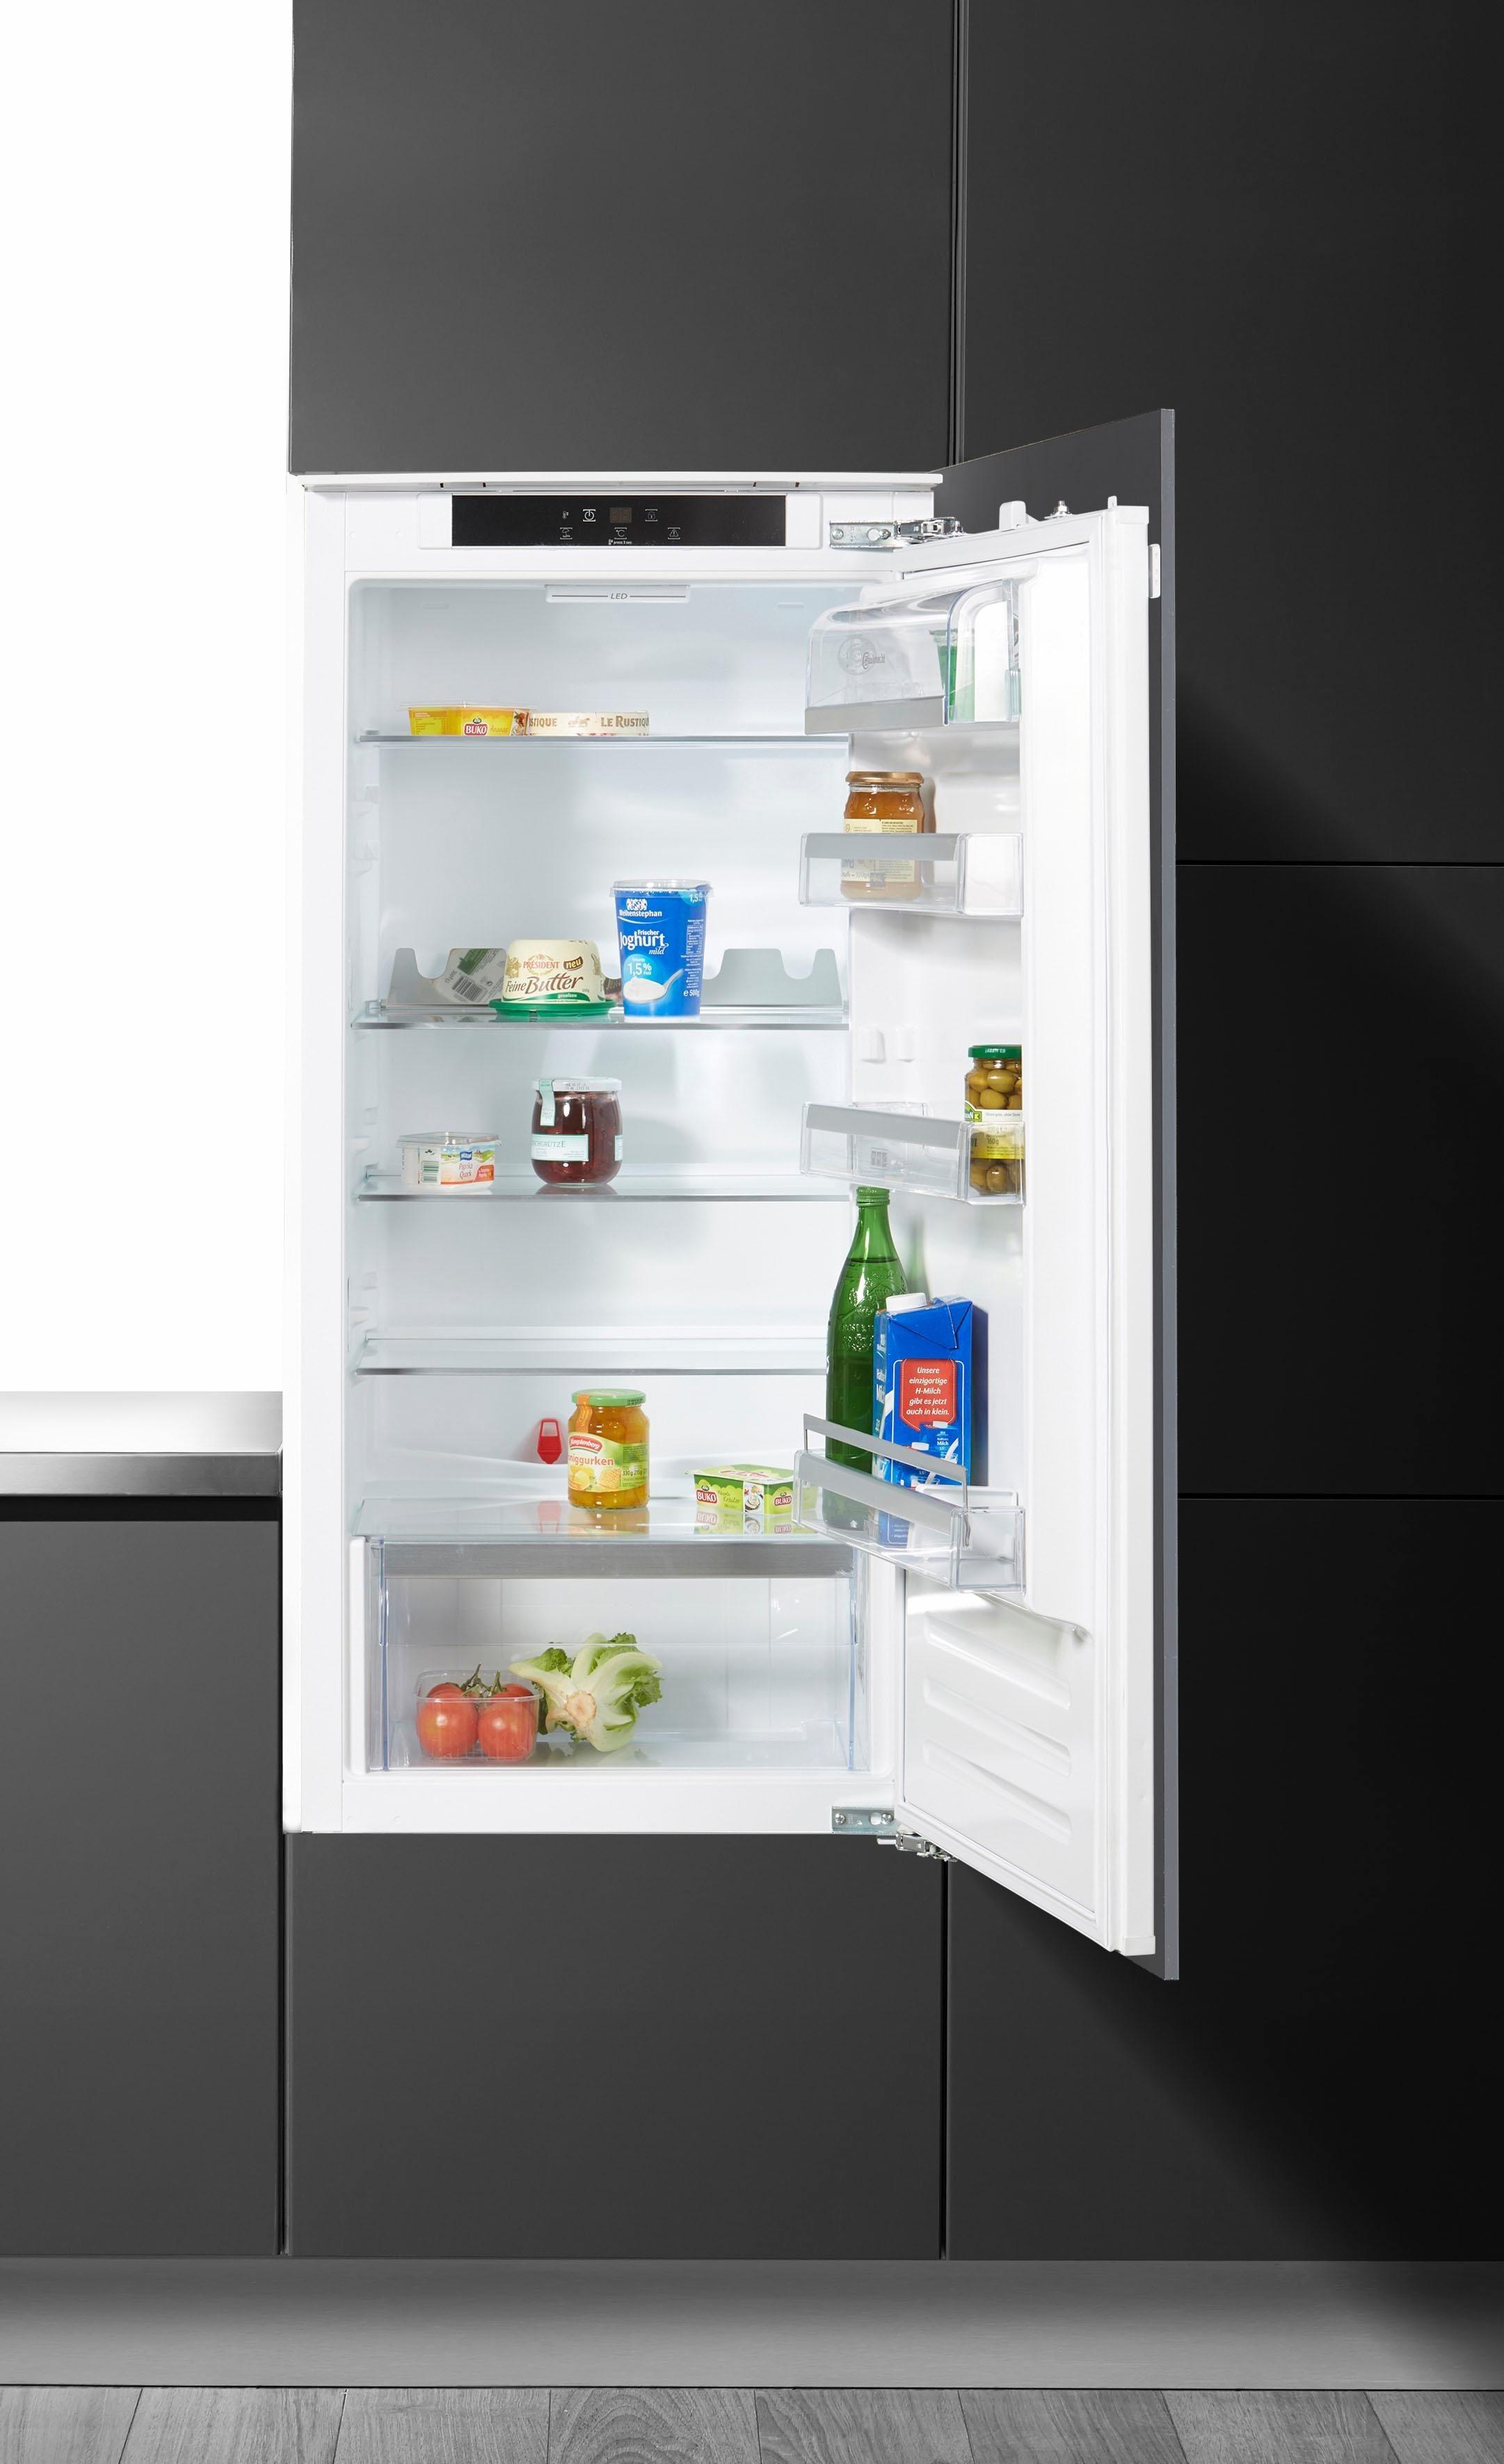 Hotpoint Kühlschrank Preisvergleich • Die besten Angebote online kaufen